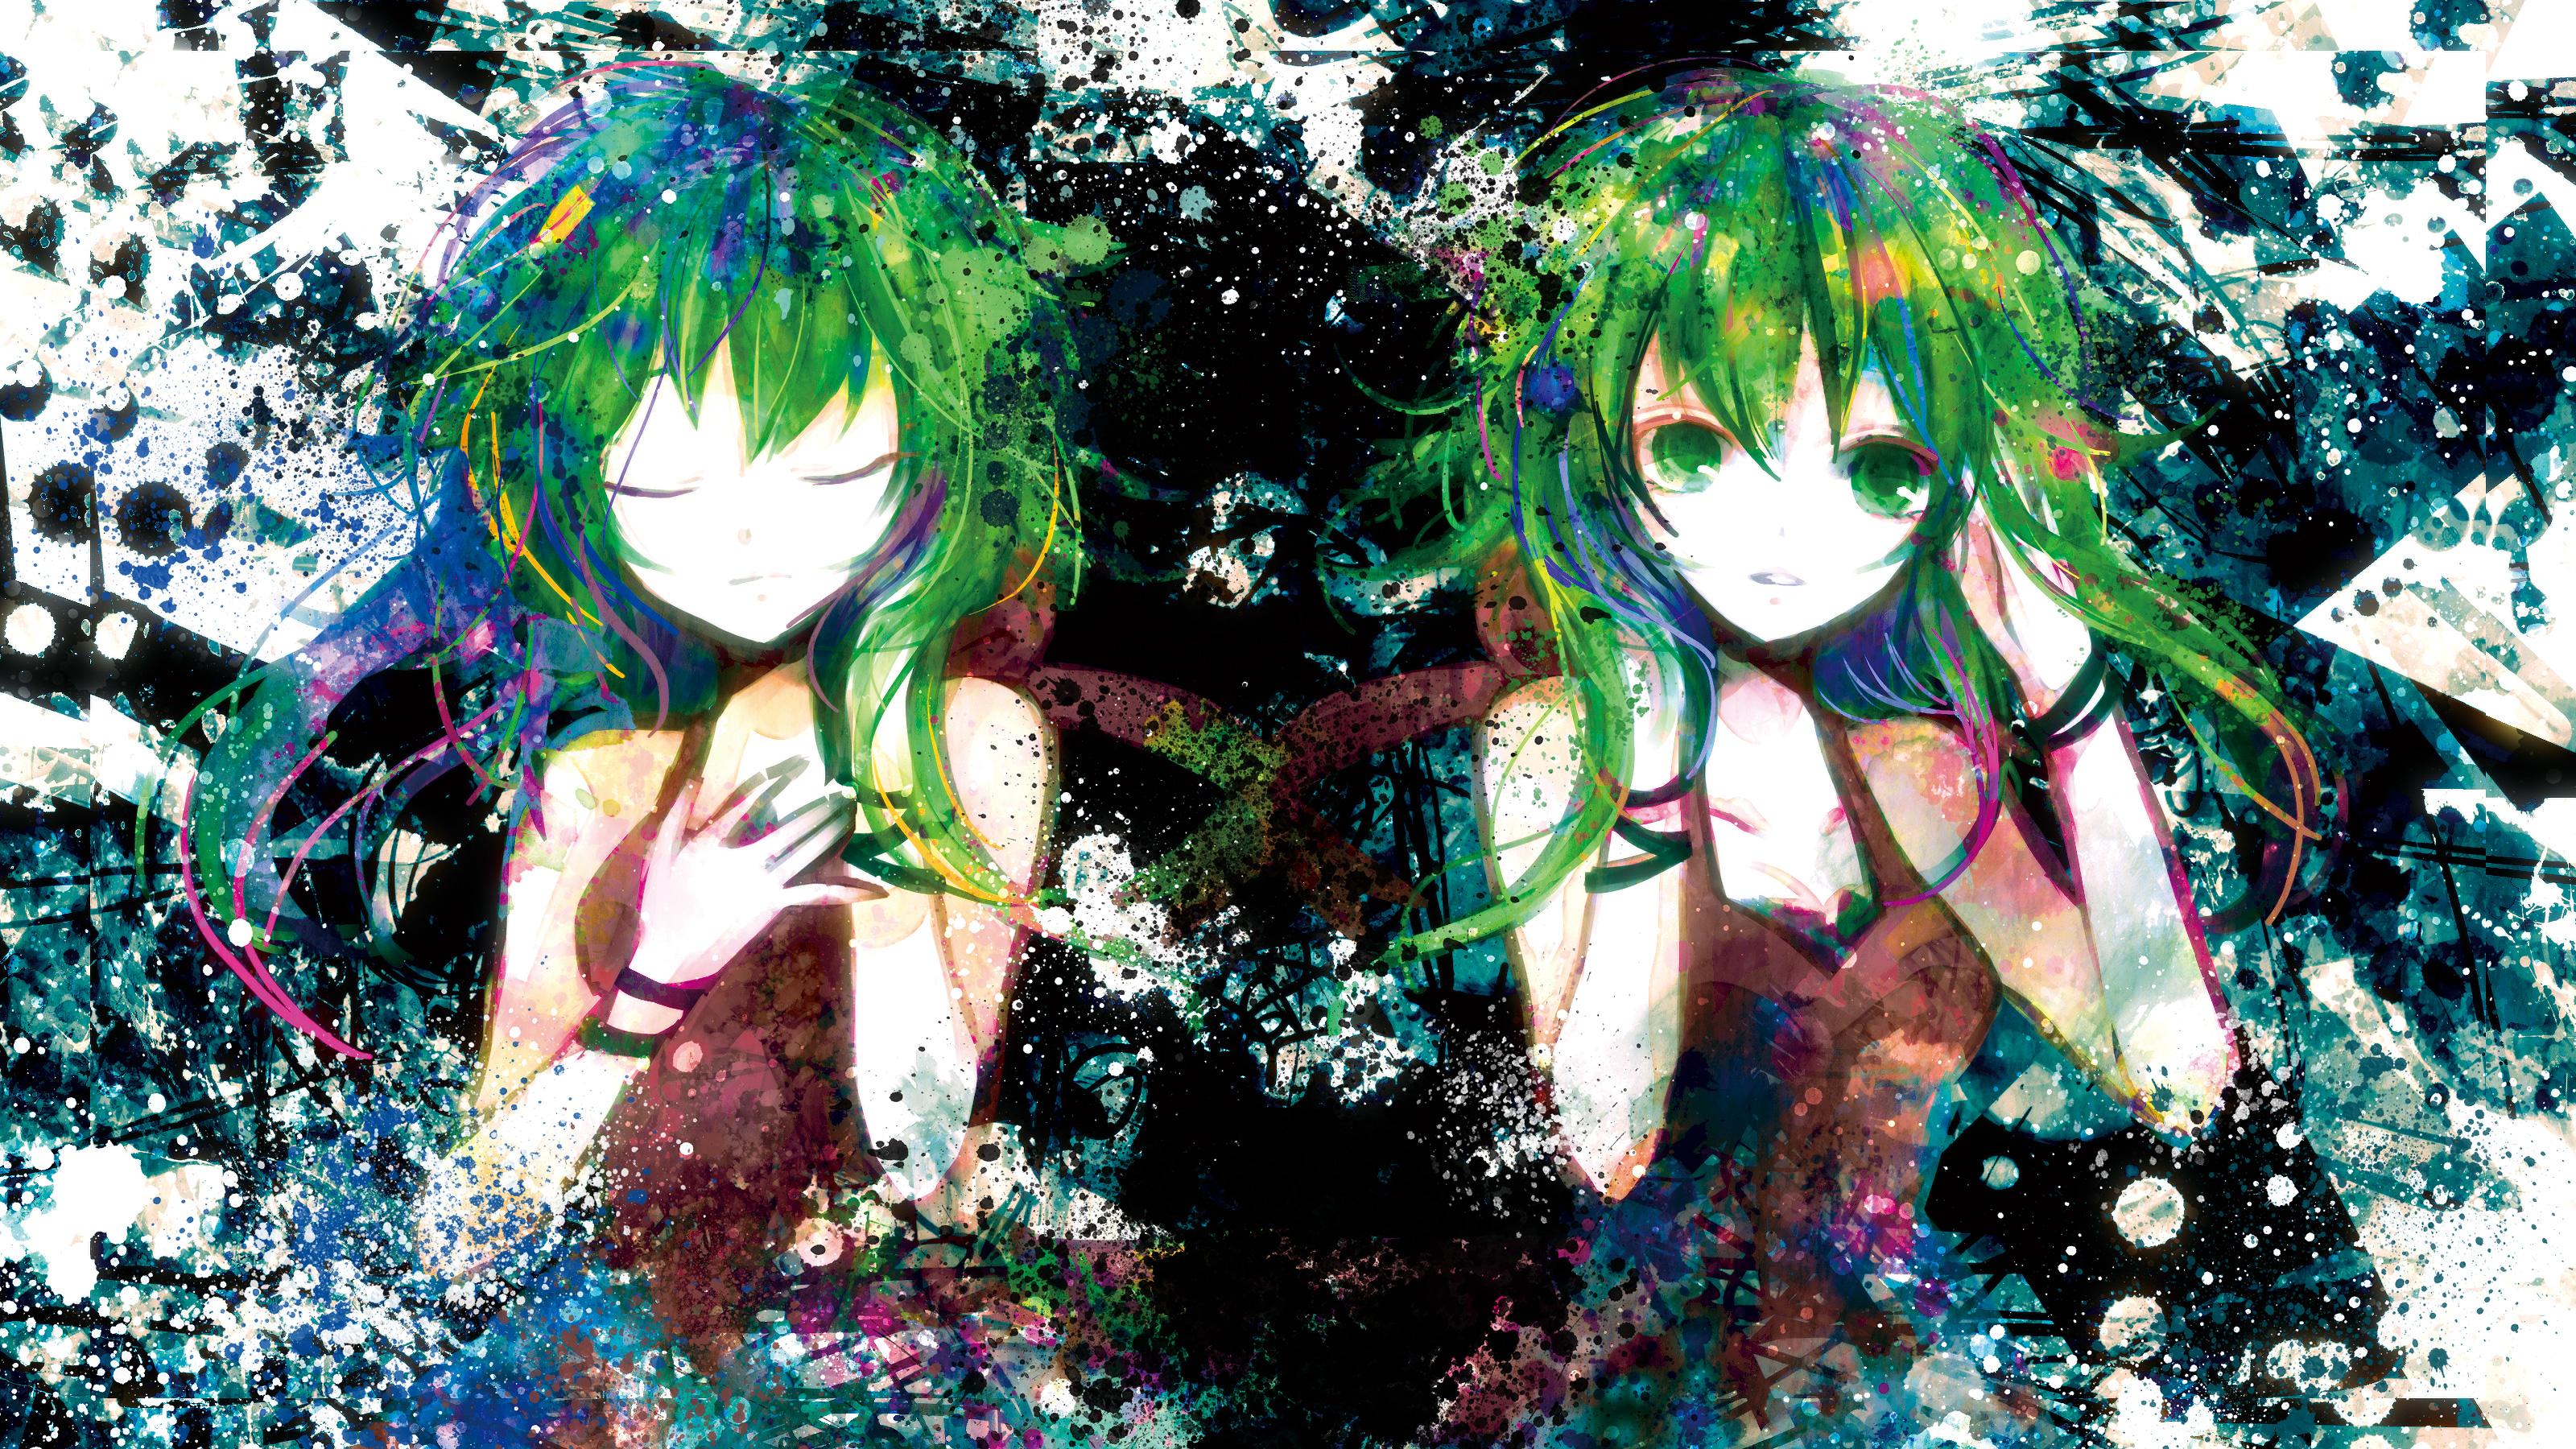 windows 7 anime girl wallpaper